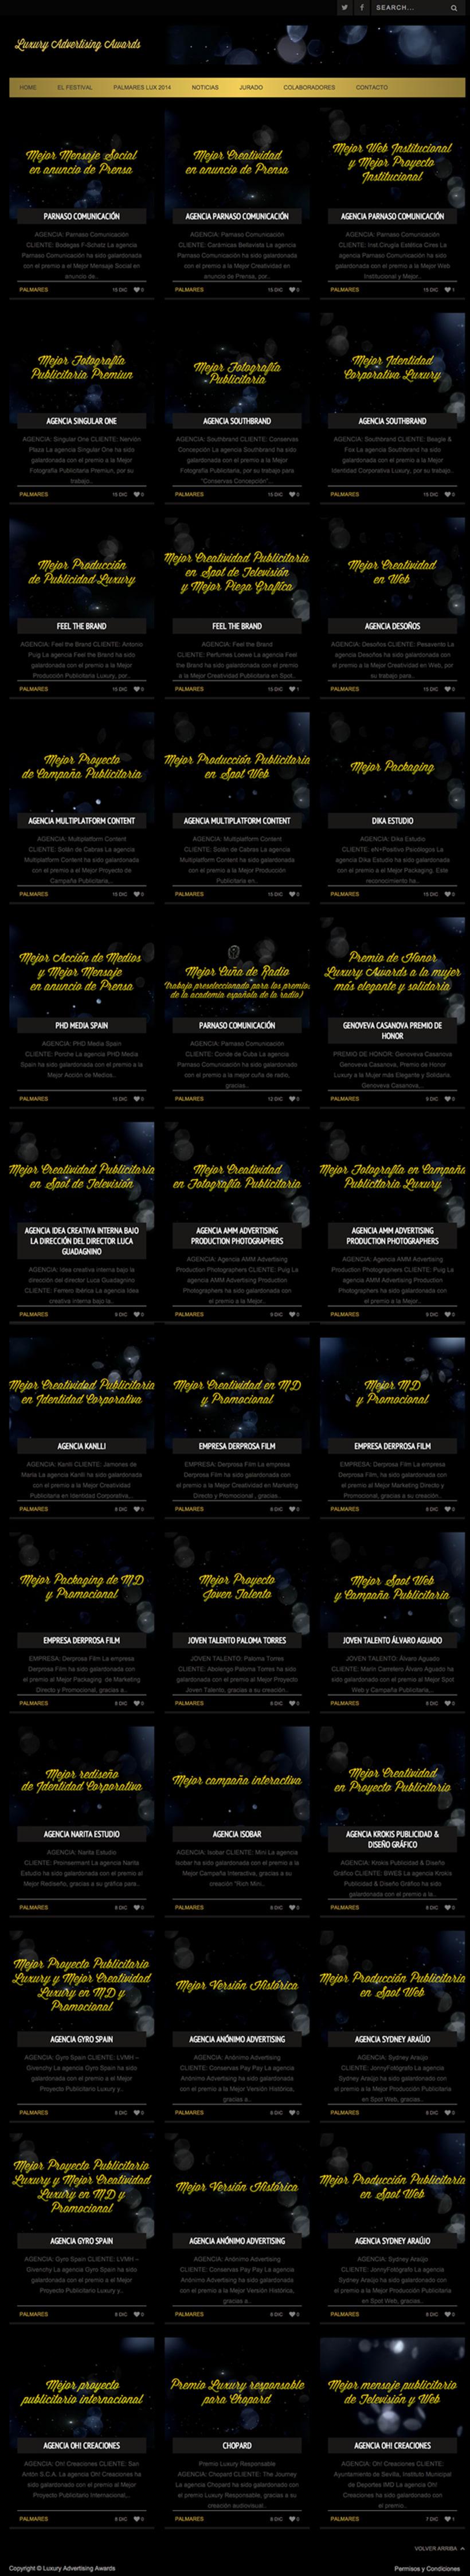 Luxury Advertising Awards Web 4